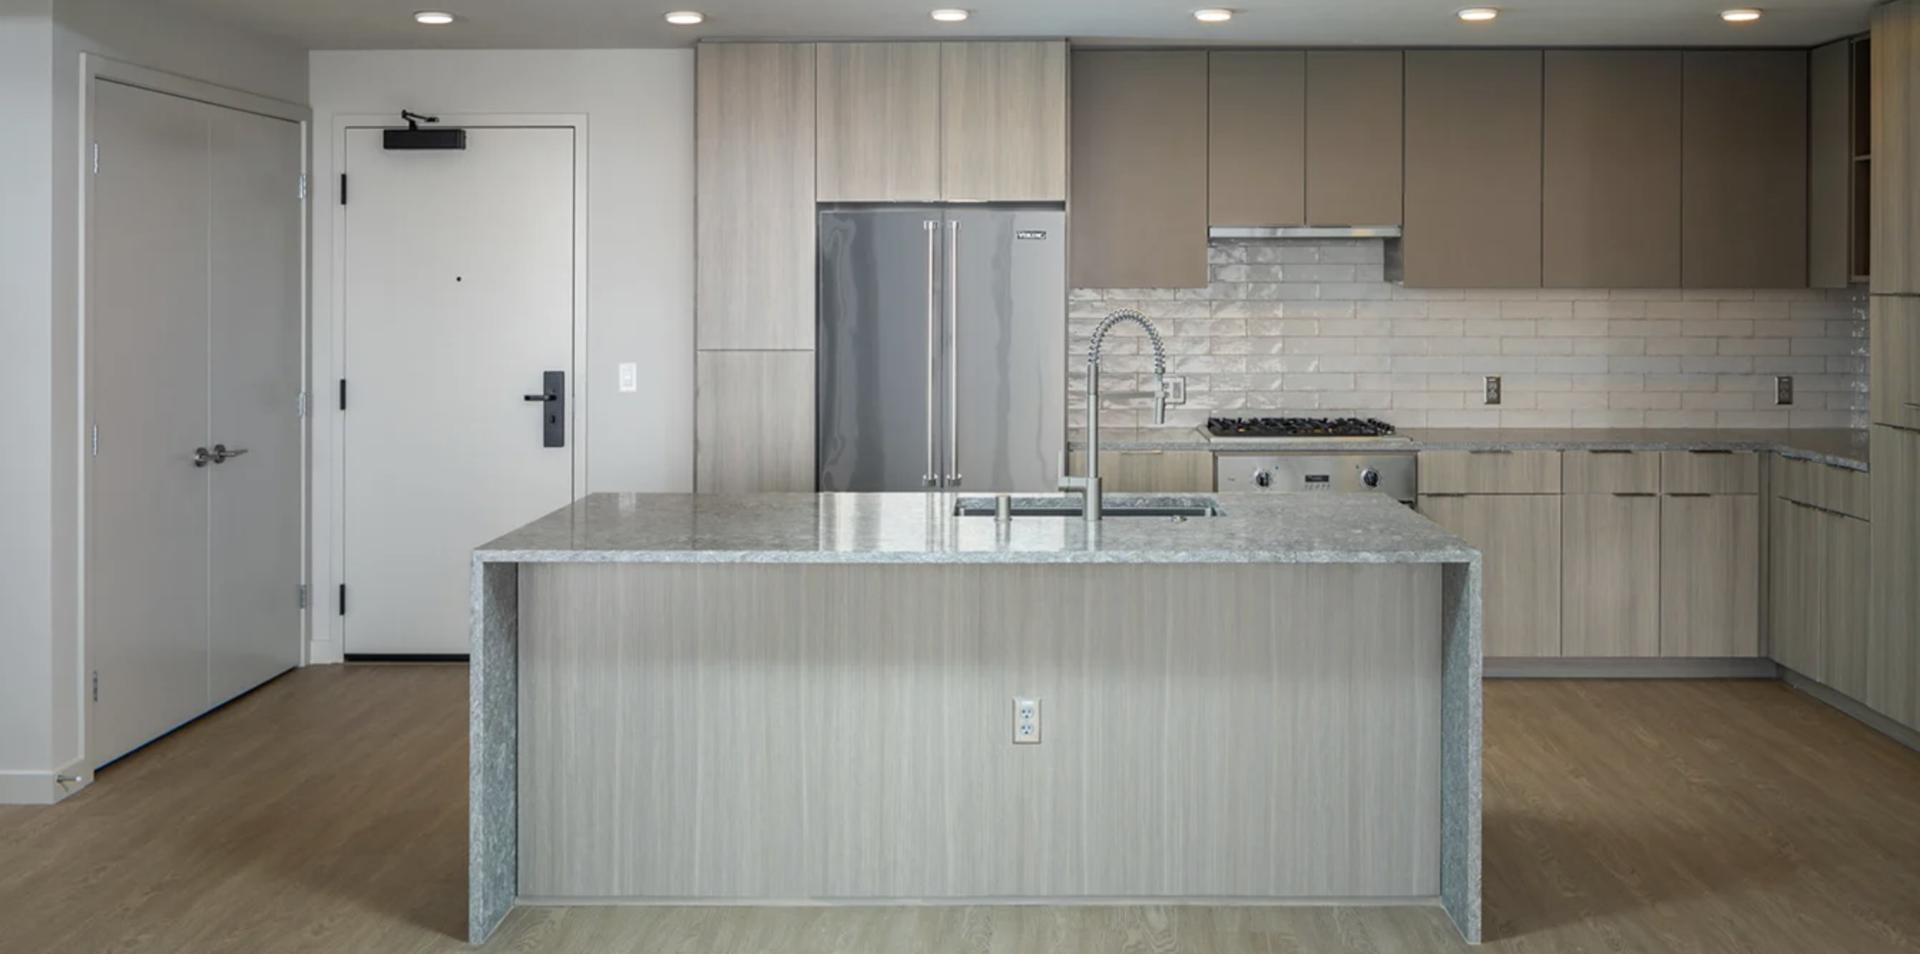 601 11th Avenue #1804, San Diego, CA - $3,850 USD/ month